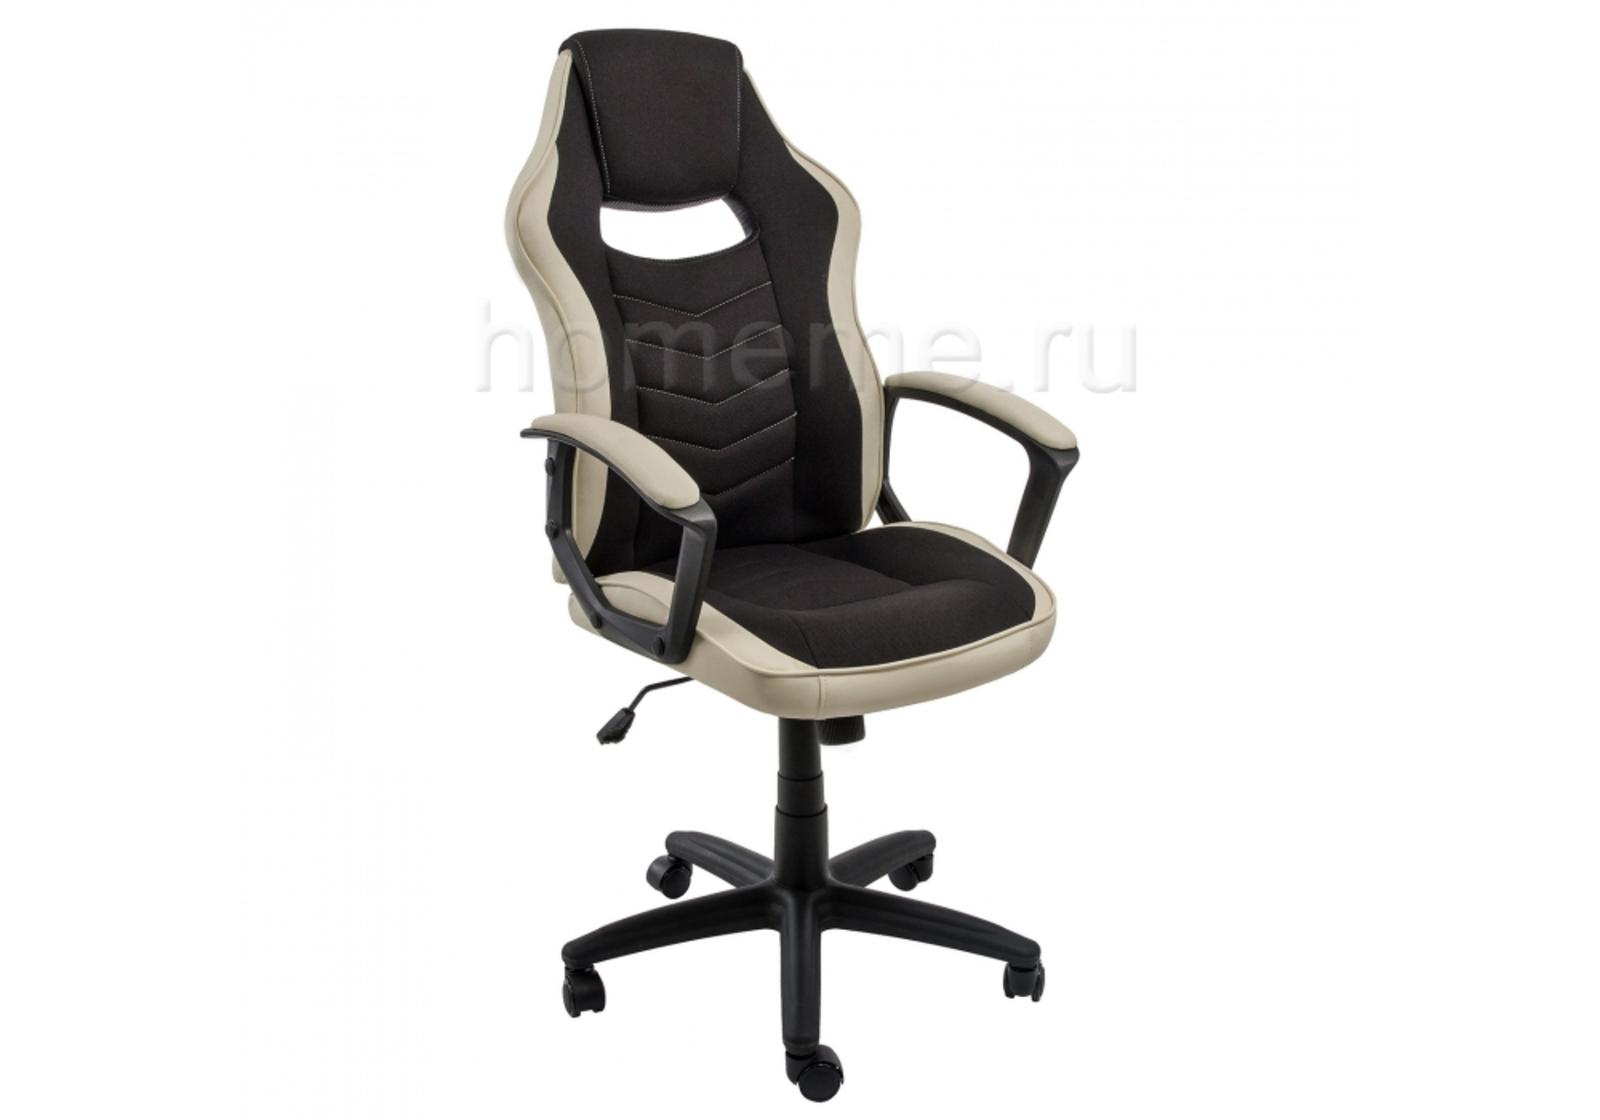 Кресло для офиса HomeMe Gamer черное / серое 1862 от Homeme.ru